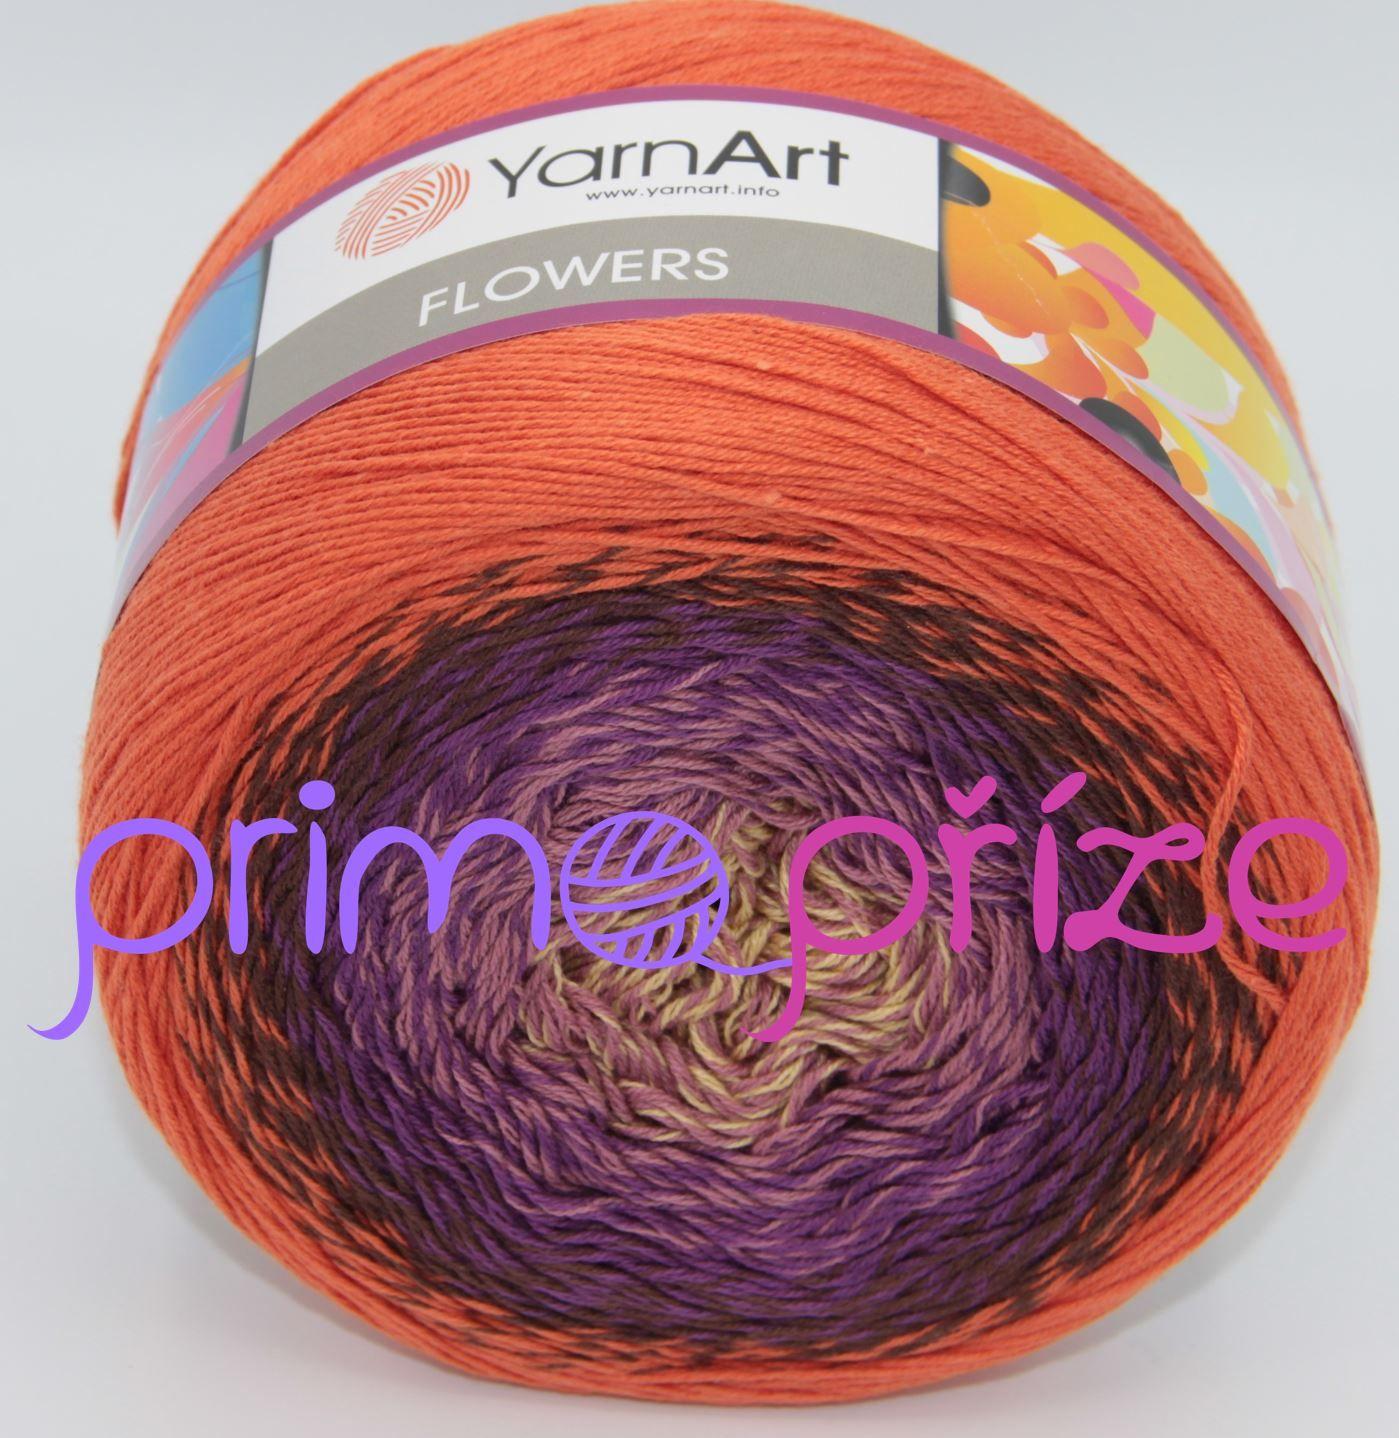 YarnArt Flowers 295